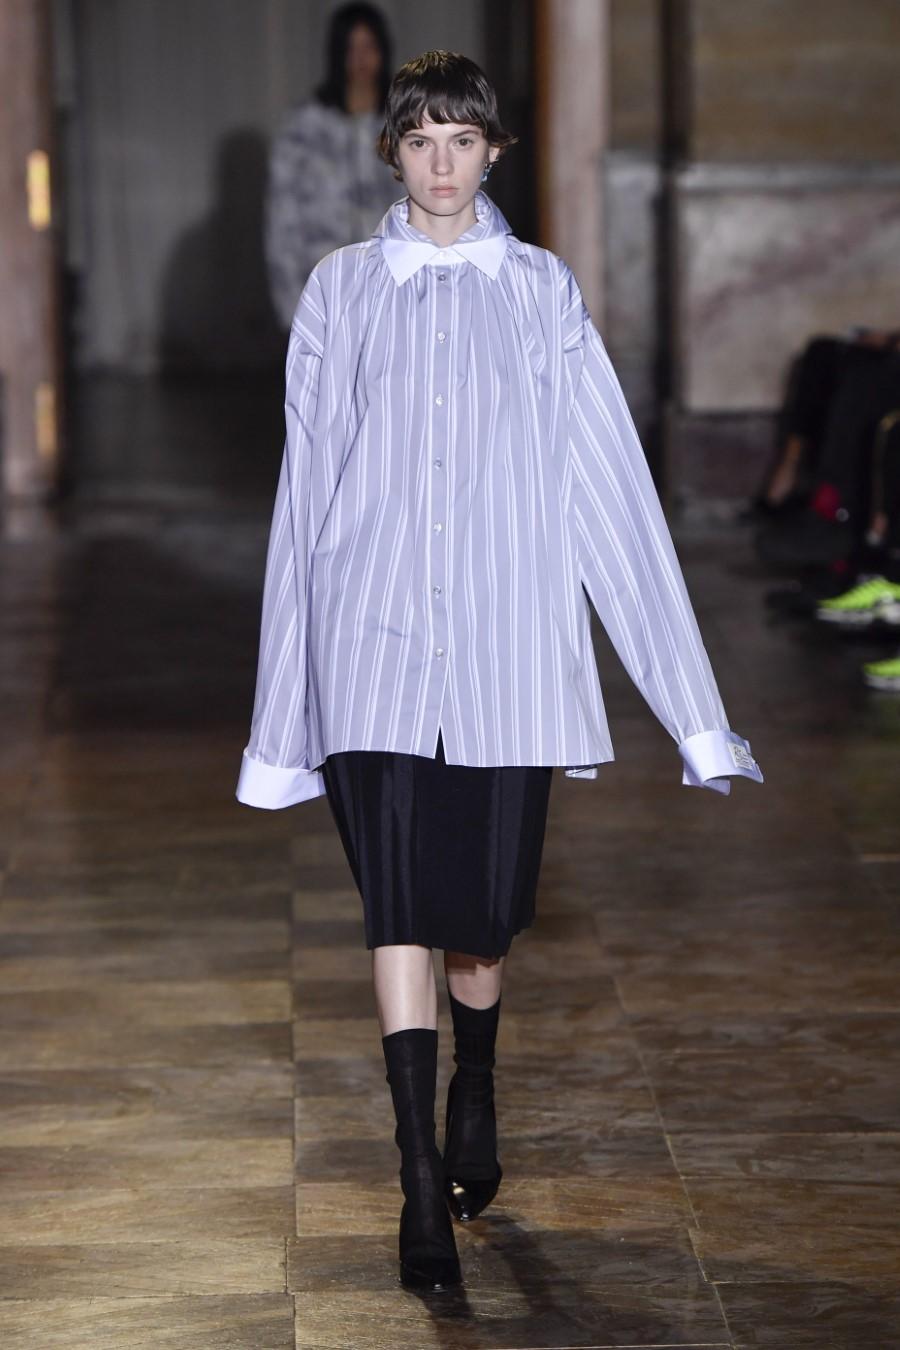 Raf Simons Spring Summer 2022 - Paris Fashion Week